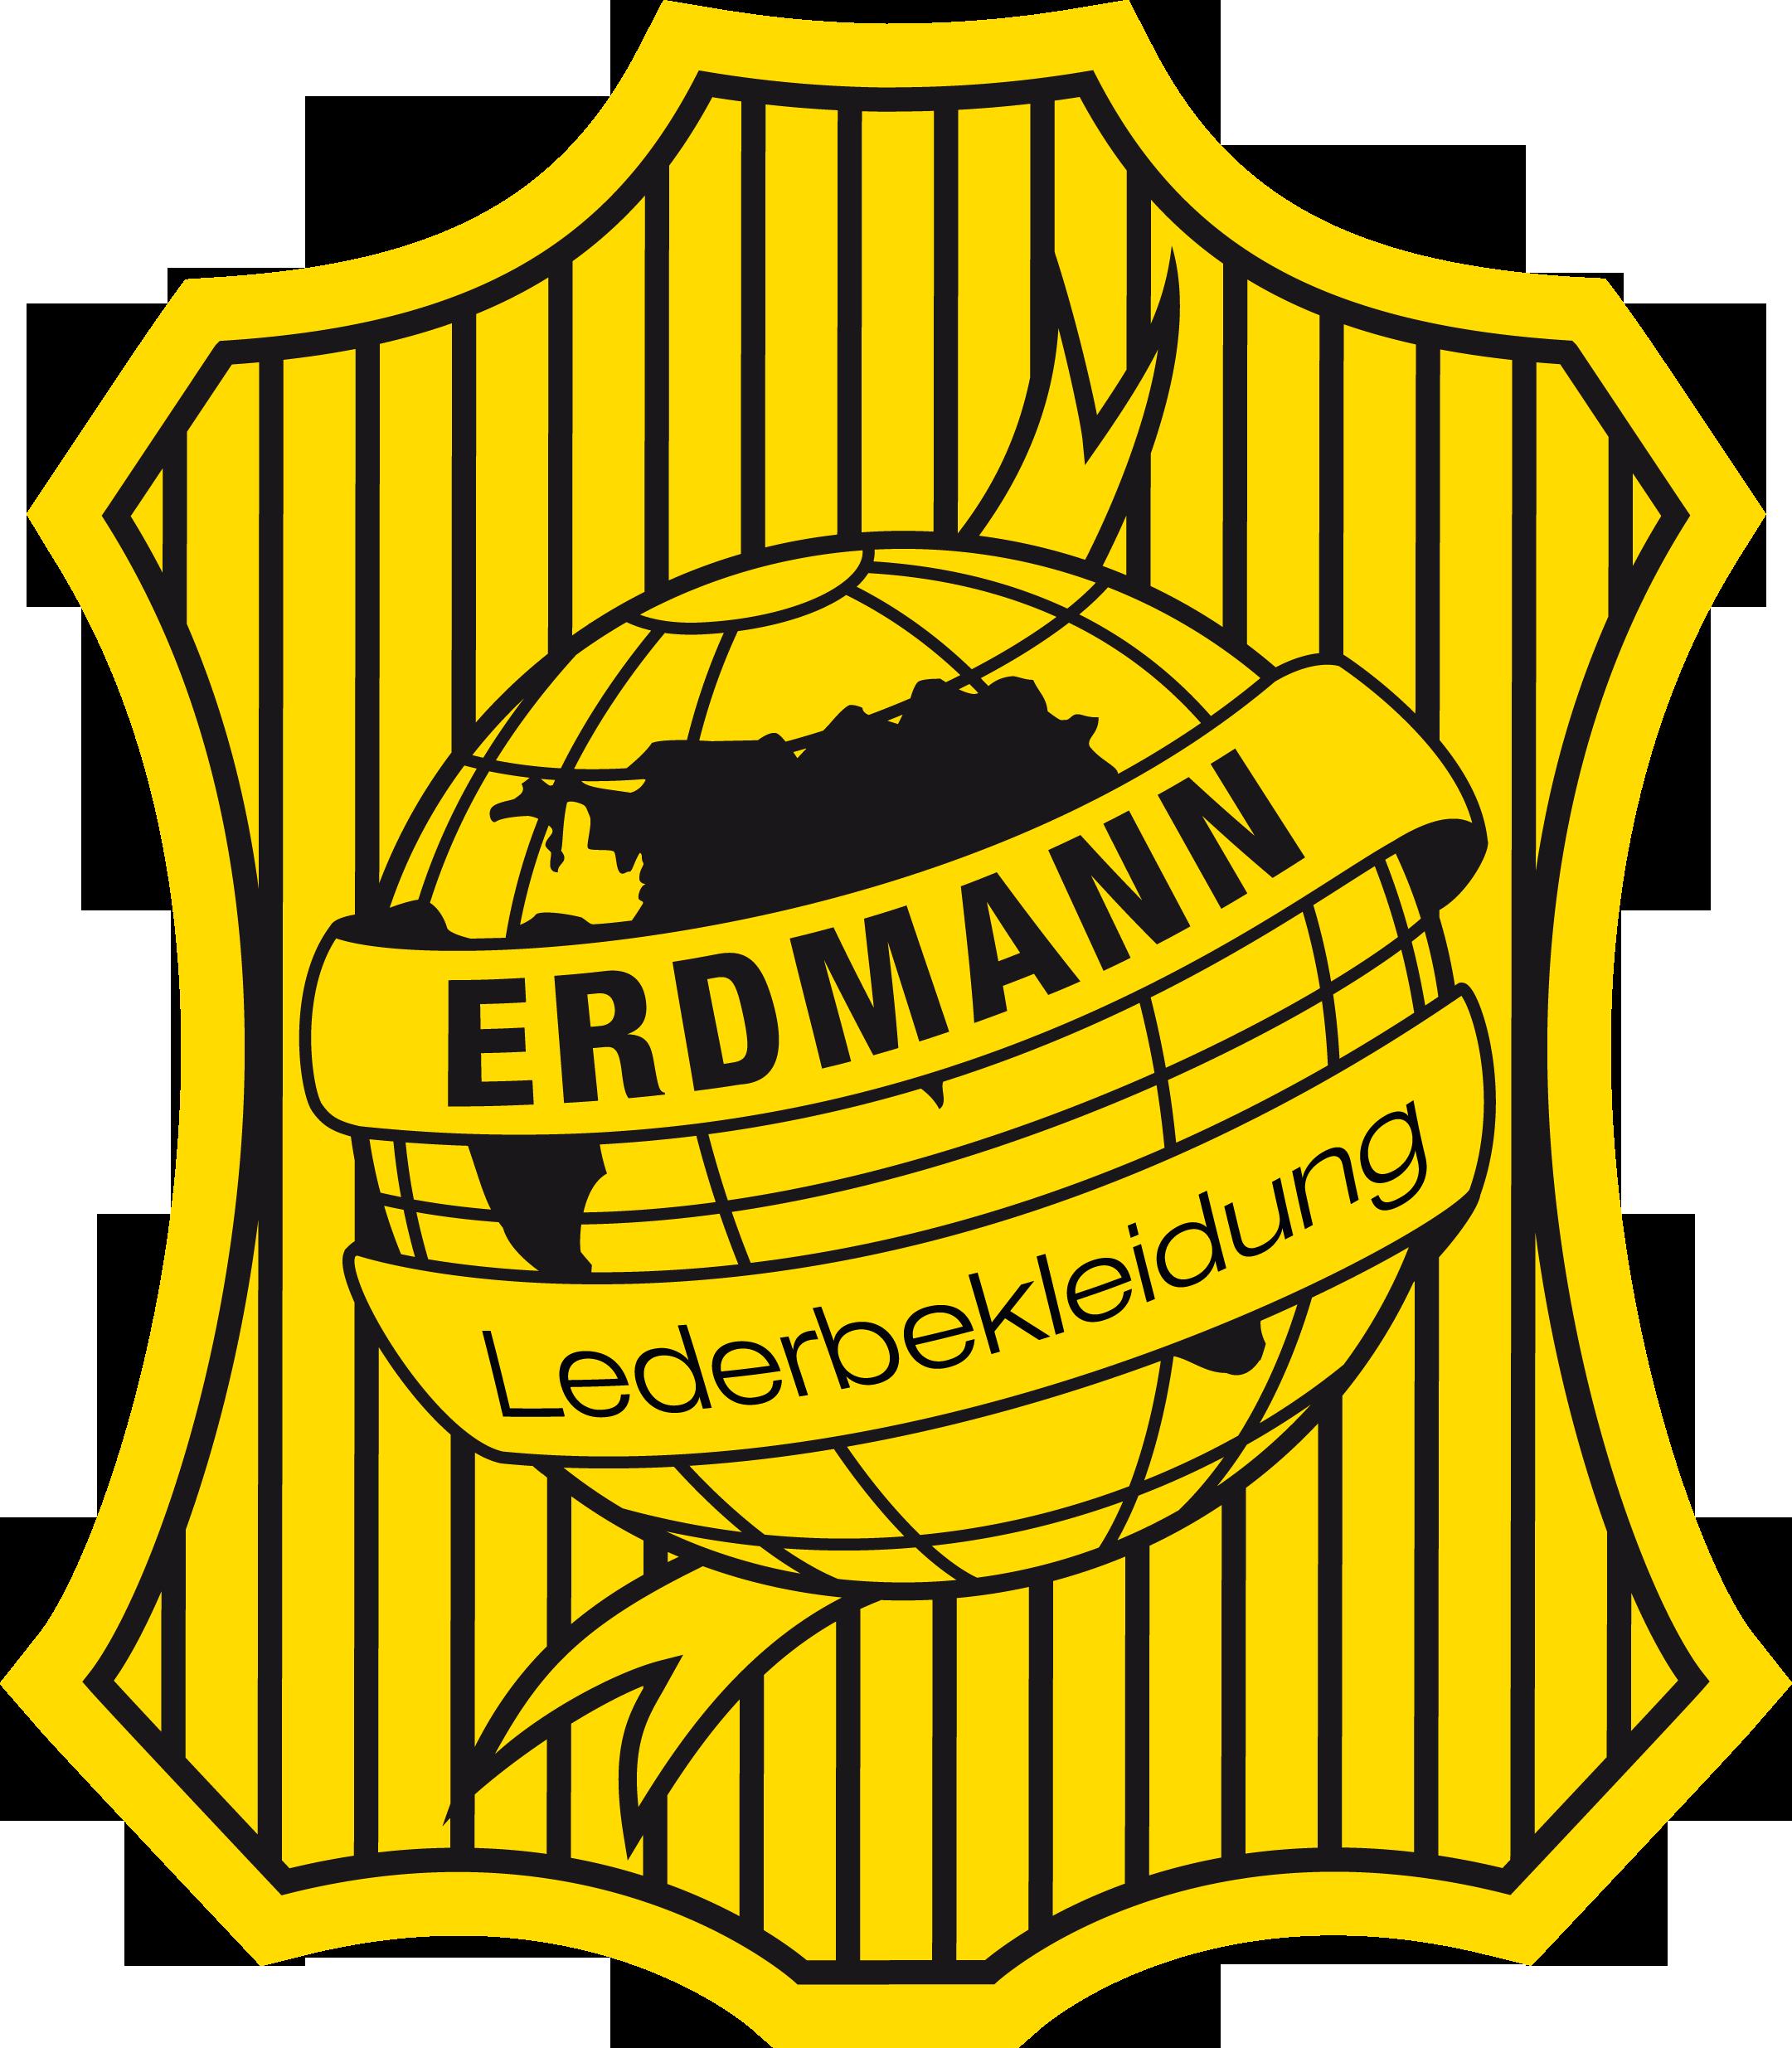 Erdmann-Lederbekleidung-Lederpflege BLOG